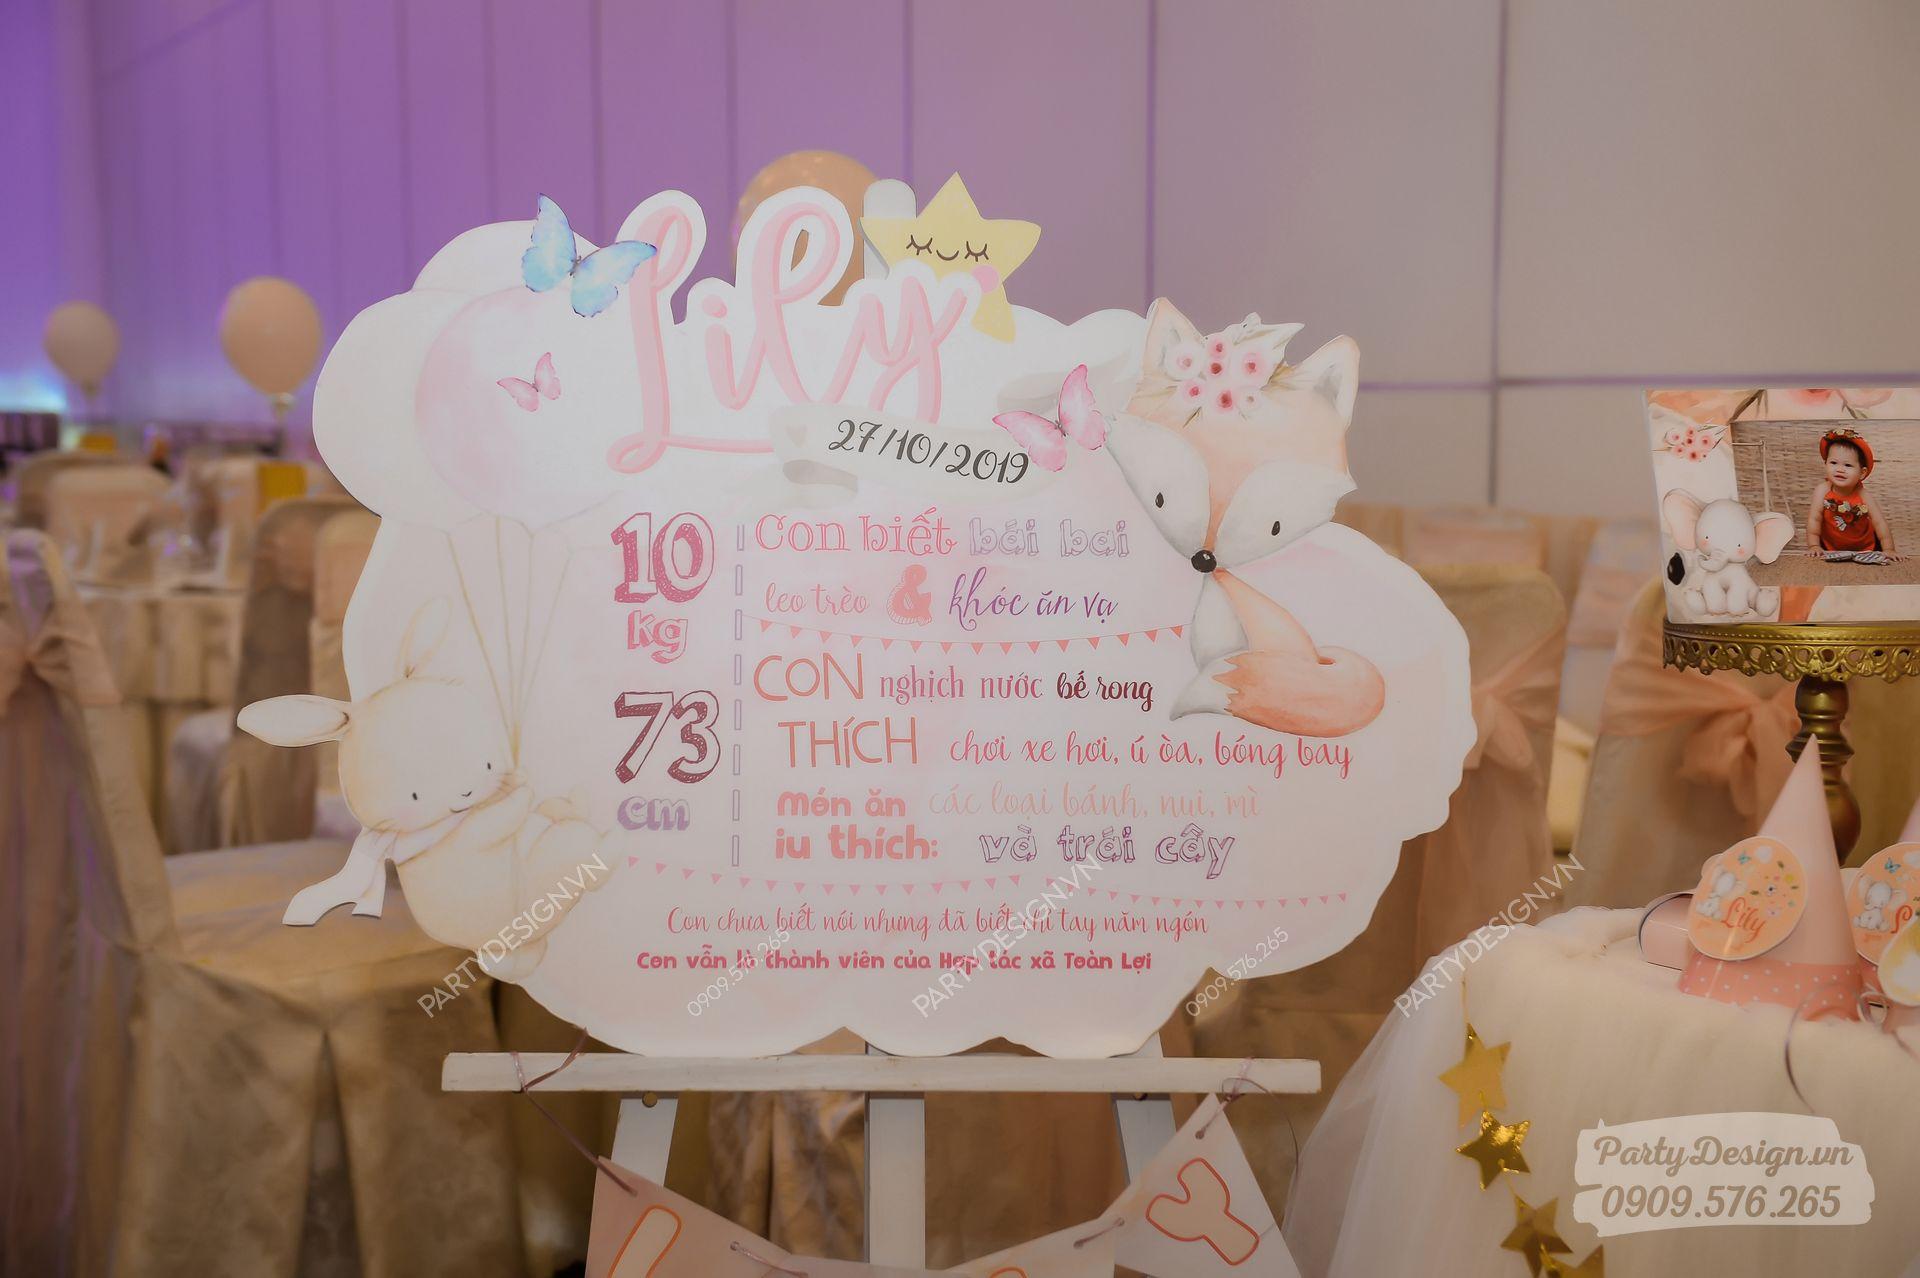 Bảng thông tin thôi nôi sinh nhật chủ đề Công Chúa - bé Lily